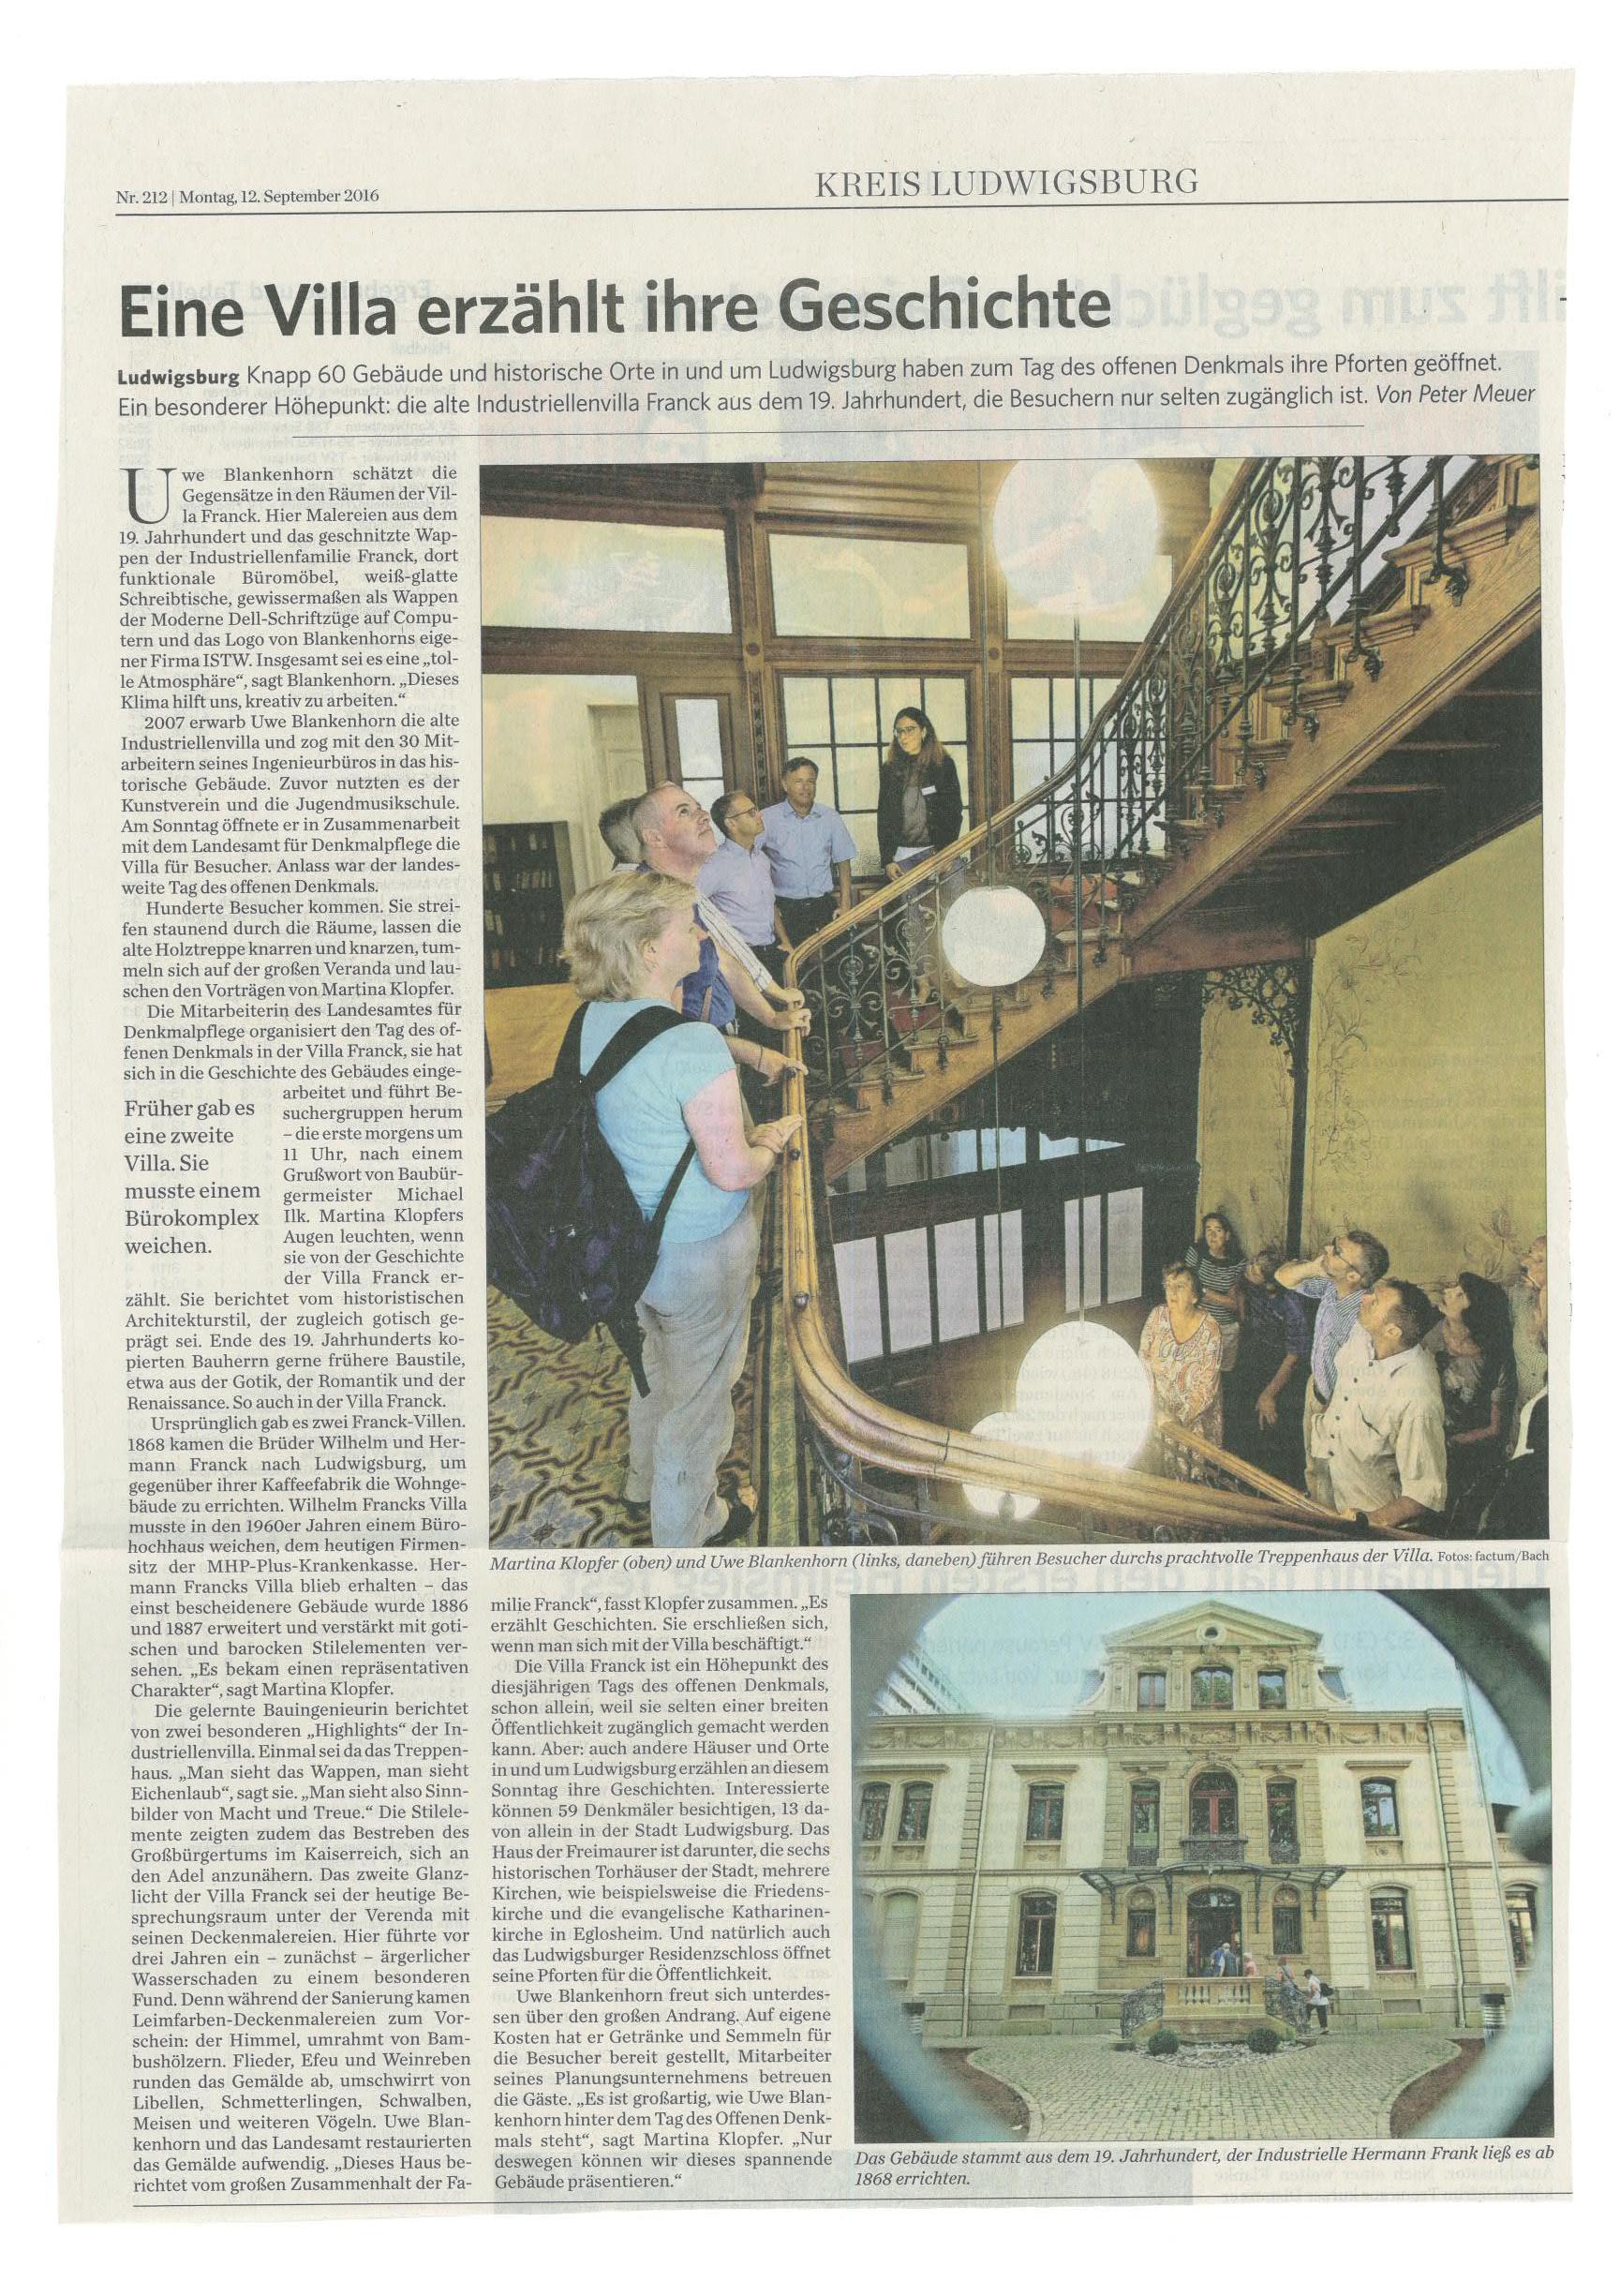 Stuttgart Zeitung vom 12.09.2016